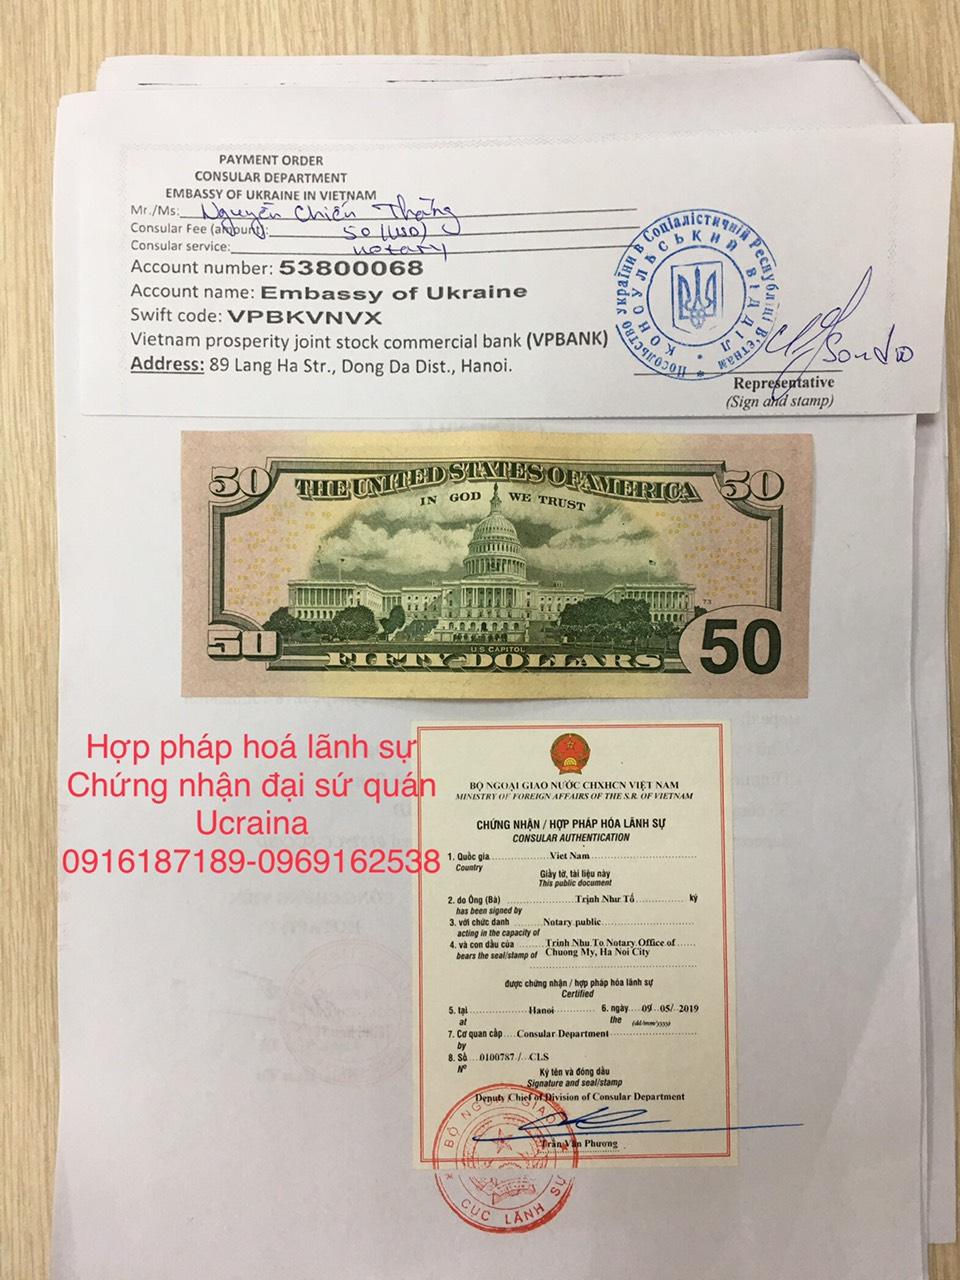 Chứng nhận hợp pháp hóa lãnh sự ĐSQ Ucraina - Ukraine Embassy